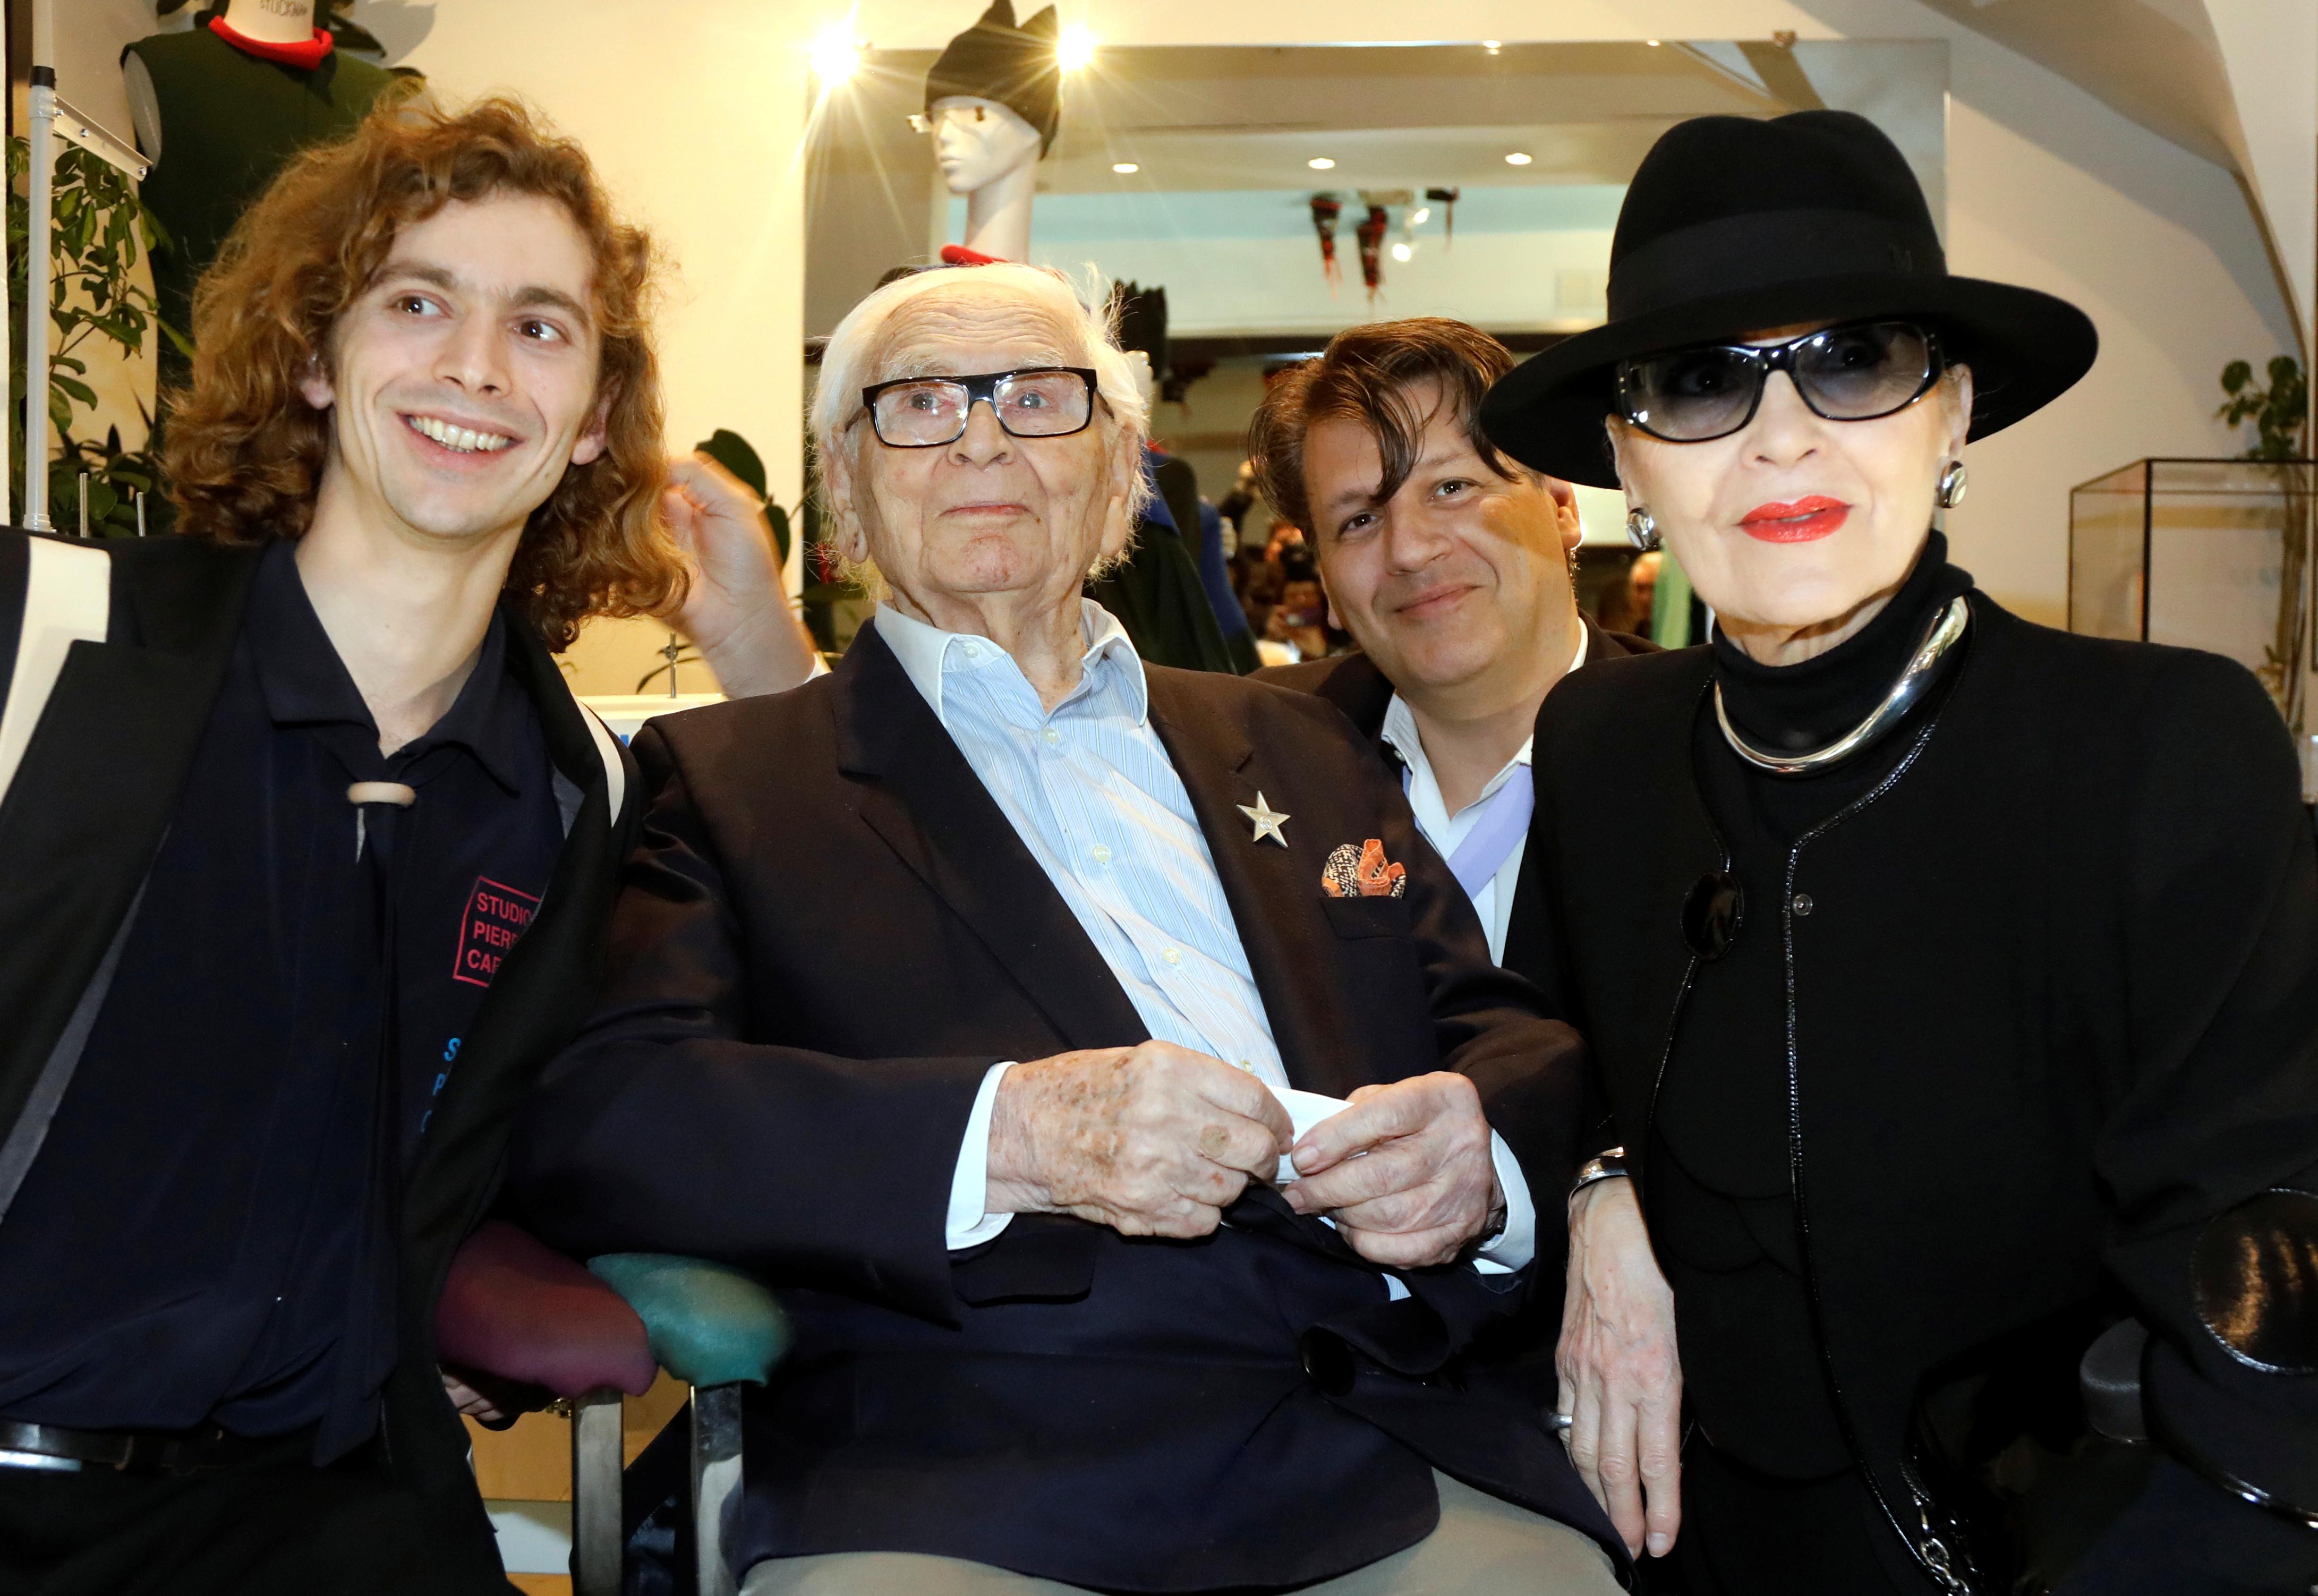 Pierre Cardin junto a Maryse Gaspard, una de las modelos francesas más icónicas de los sesenta, que trabajó para él y para la maison durante 50 años. Ella fue su verdadera musa e inspiración